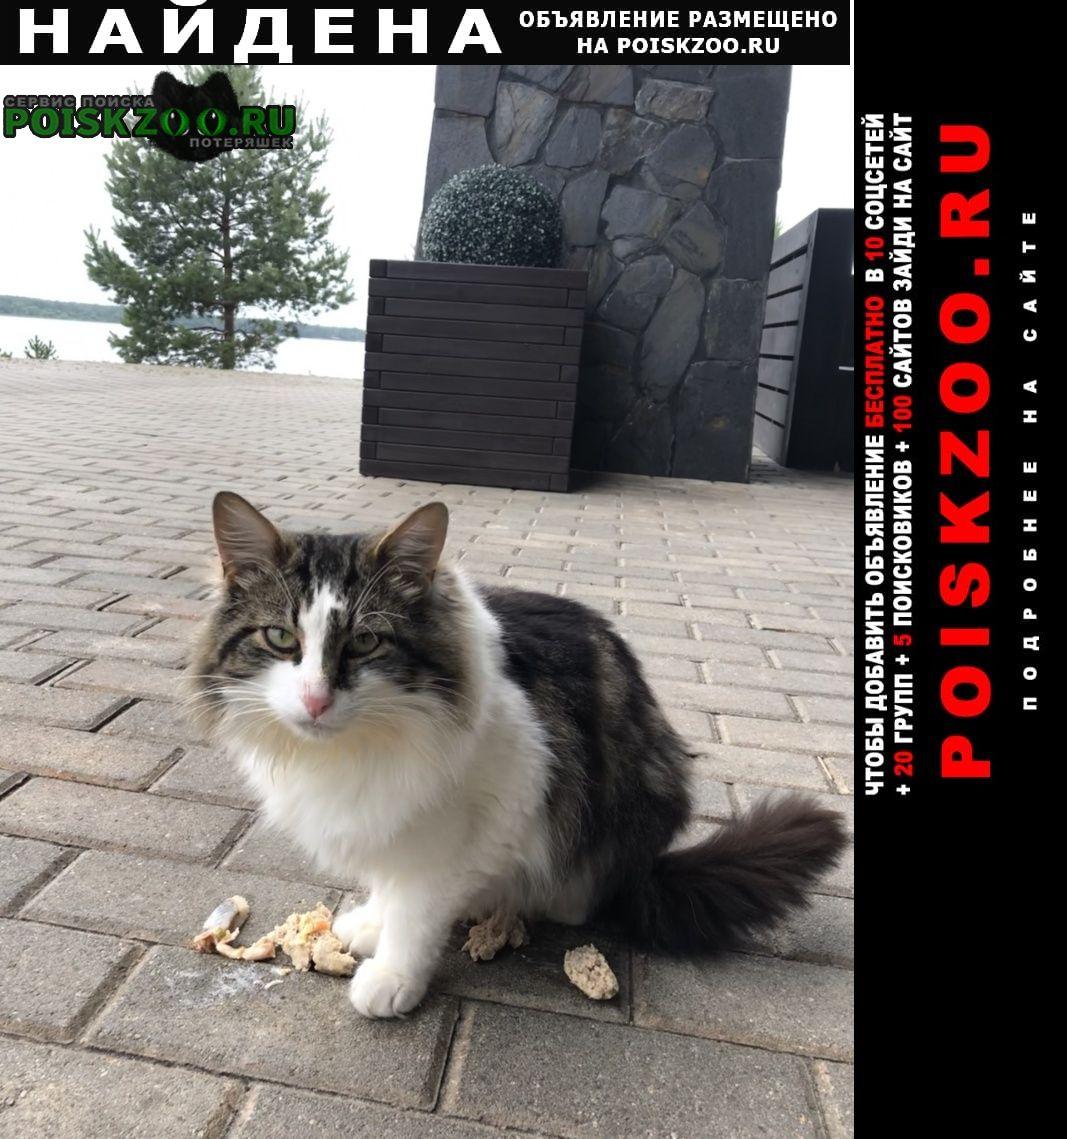 Найдена кошка Тверь